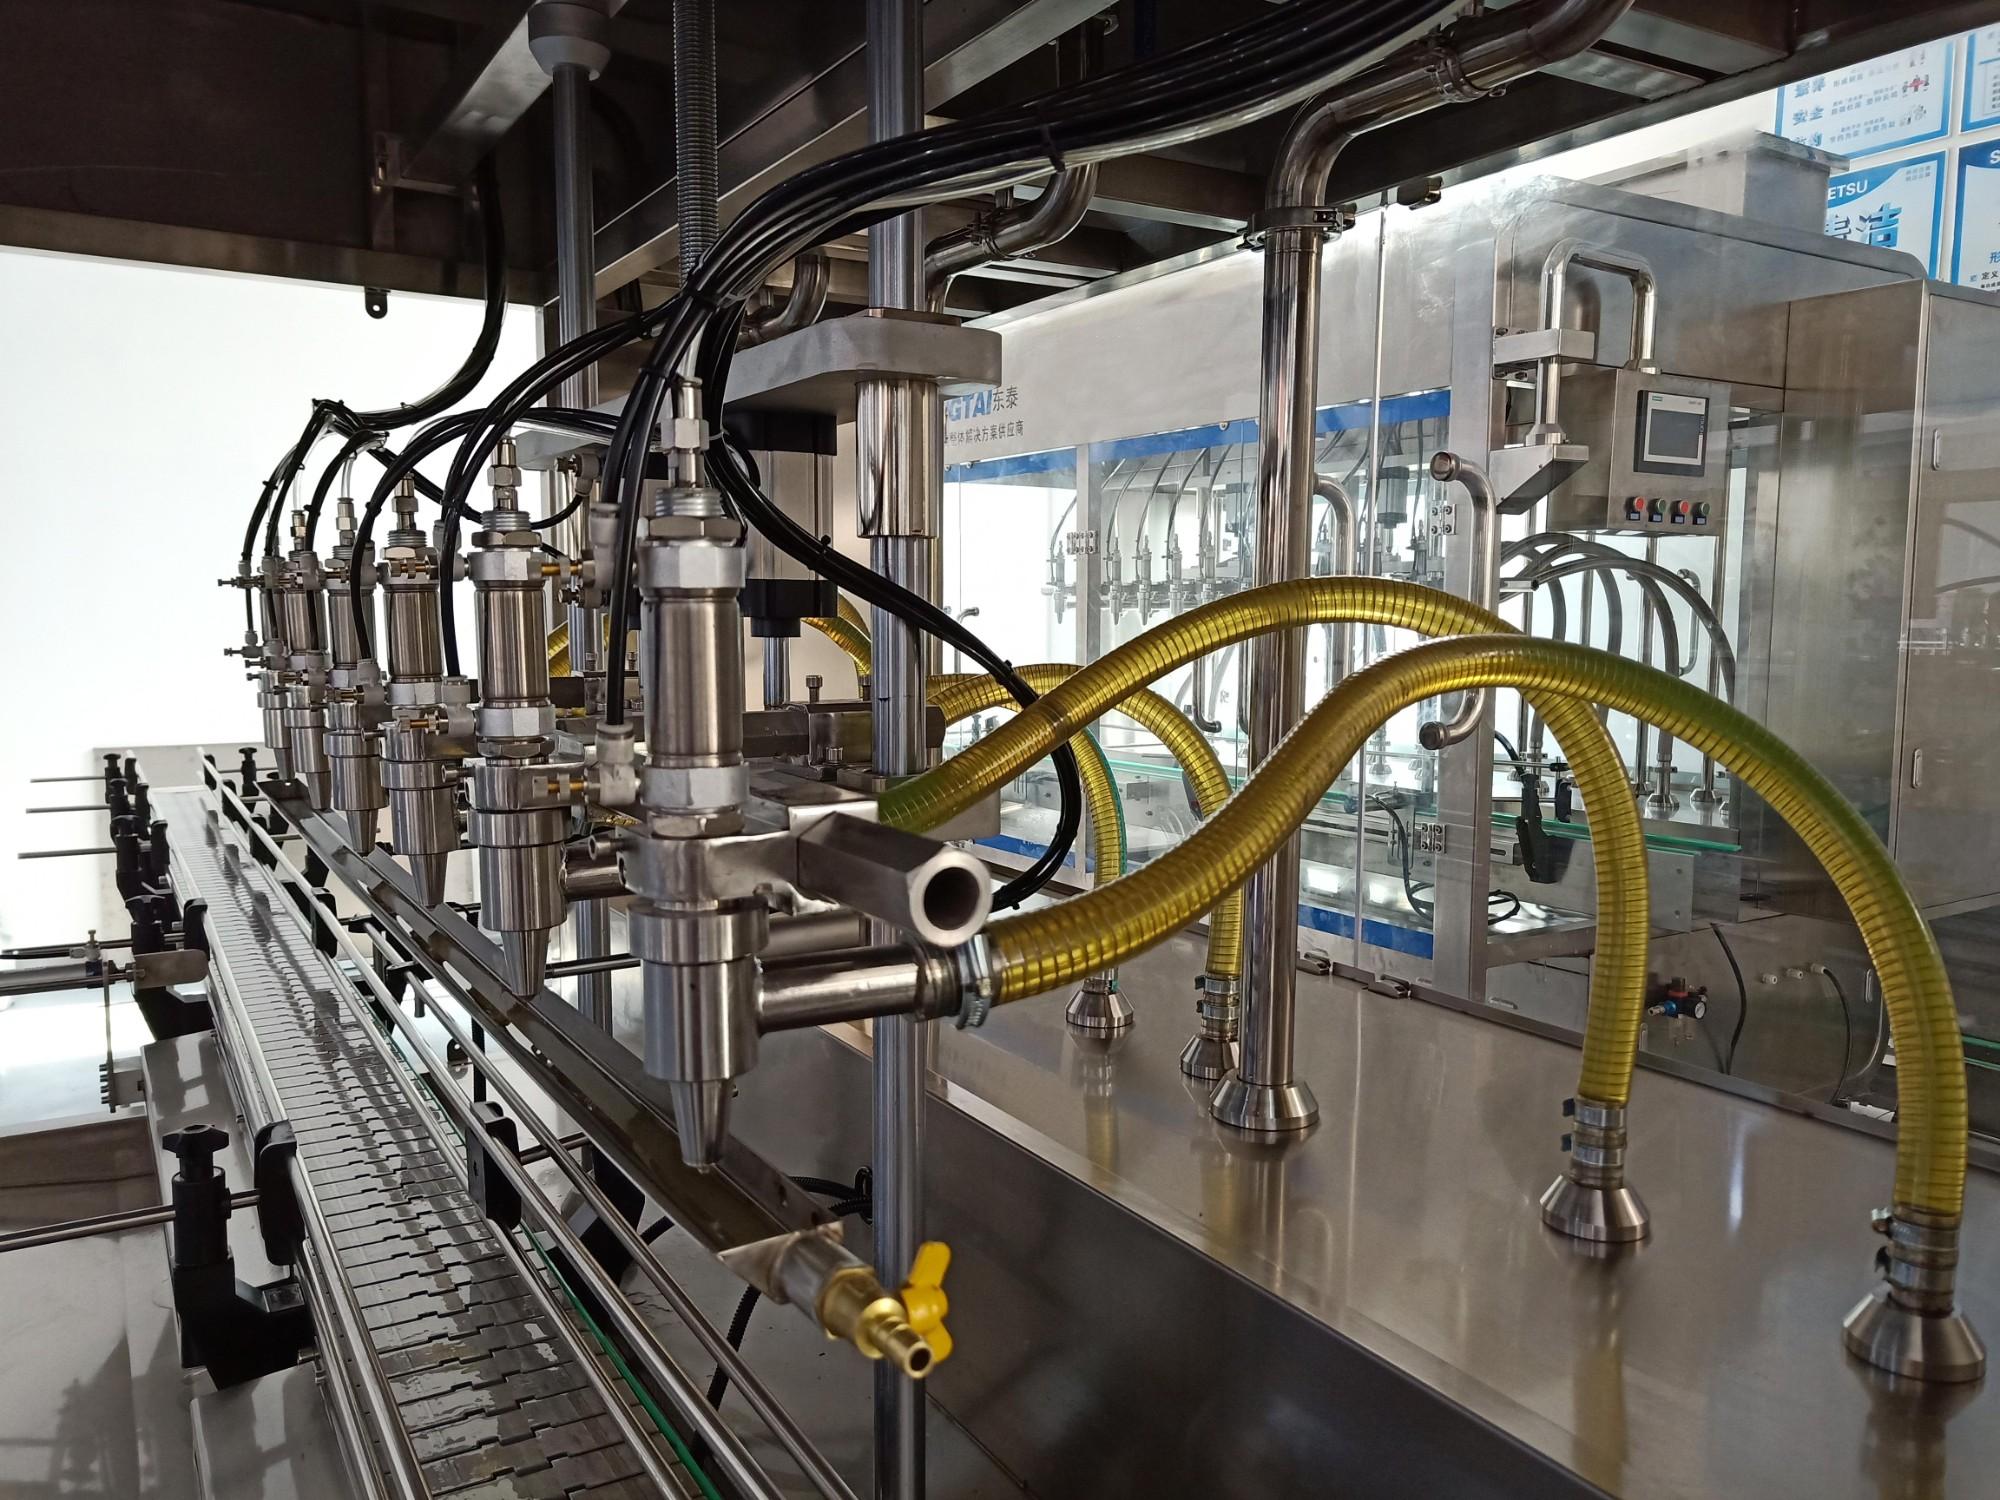 Madeni yağ dolum kapağı etiketleme makinesi motor yağı dolum makinası hurma yağı dolum ve mühürleme makinesi zeytinyağı şişesi dolum makinası satın al,Madeni yağ dolum kapağı etiketleme makinesi motor yağı dolum makinası hurma yağı dolum ve mühürleme makinesi zeytinyağı şişesi dolum makinası Fiyatlar,Madeni yağ dolum kapağı etiketleme makinesi motor yağı dolum makinası hurma yağı dolum ve mühürleme makinesi zeytinyağı şişesi dolum makinası Markalar,Madeni yağ dolum kapağı etiketleme makinesi motor yağı dolum makinası hurma yağı dolum ve mühürleme makinesi zeytinyağı şişesi dolum makinası Üretici,Madeni yağ dolum kapağı etiketleme makinesi motor yağı dolum makinası hurma yağı dolum ve mühürleme makinesi zeytinyağı şişesi dolum makinası Alıntılar,Madeni yağ dolum kapağı etiketleme makinesi motor yağı dolum makinası hurma yağı dolum ve mühürleme makinesi zeytinyağı şişesi dolum makinası Şirket,